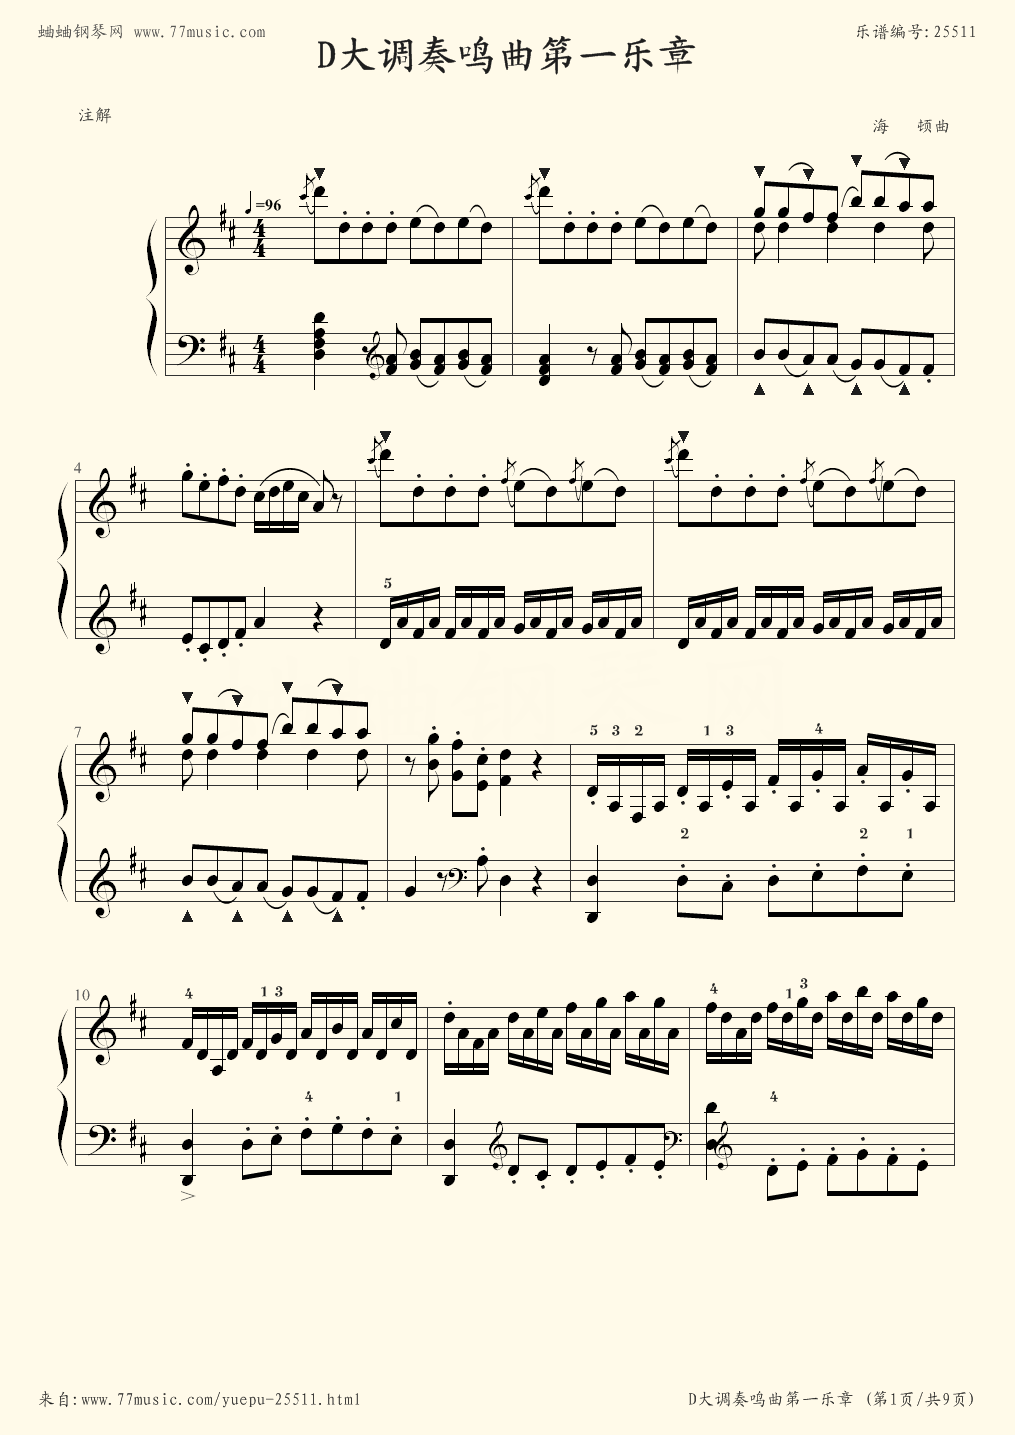 《答案》钢琴版谱子